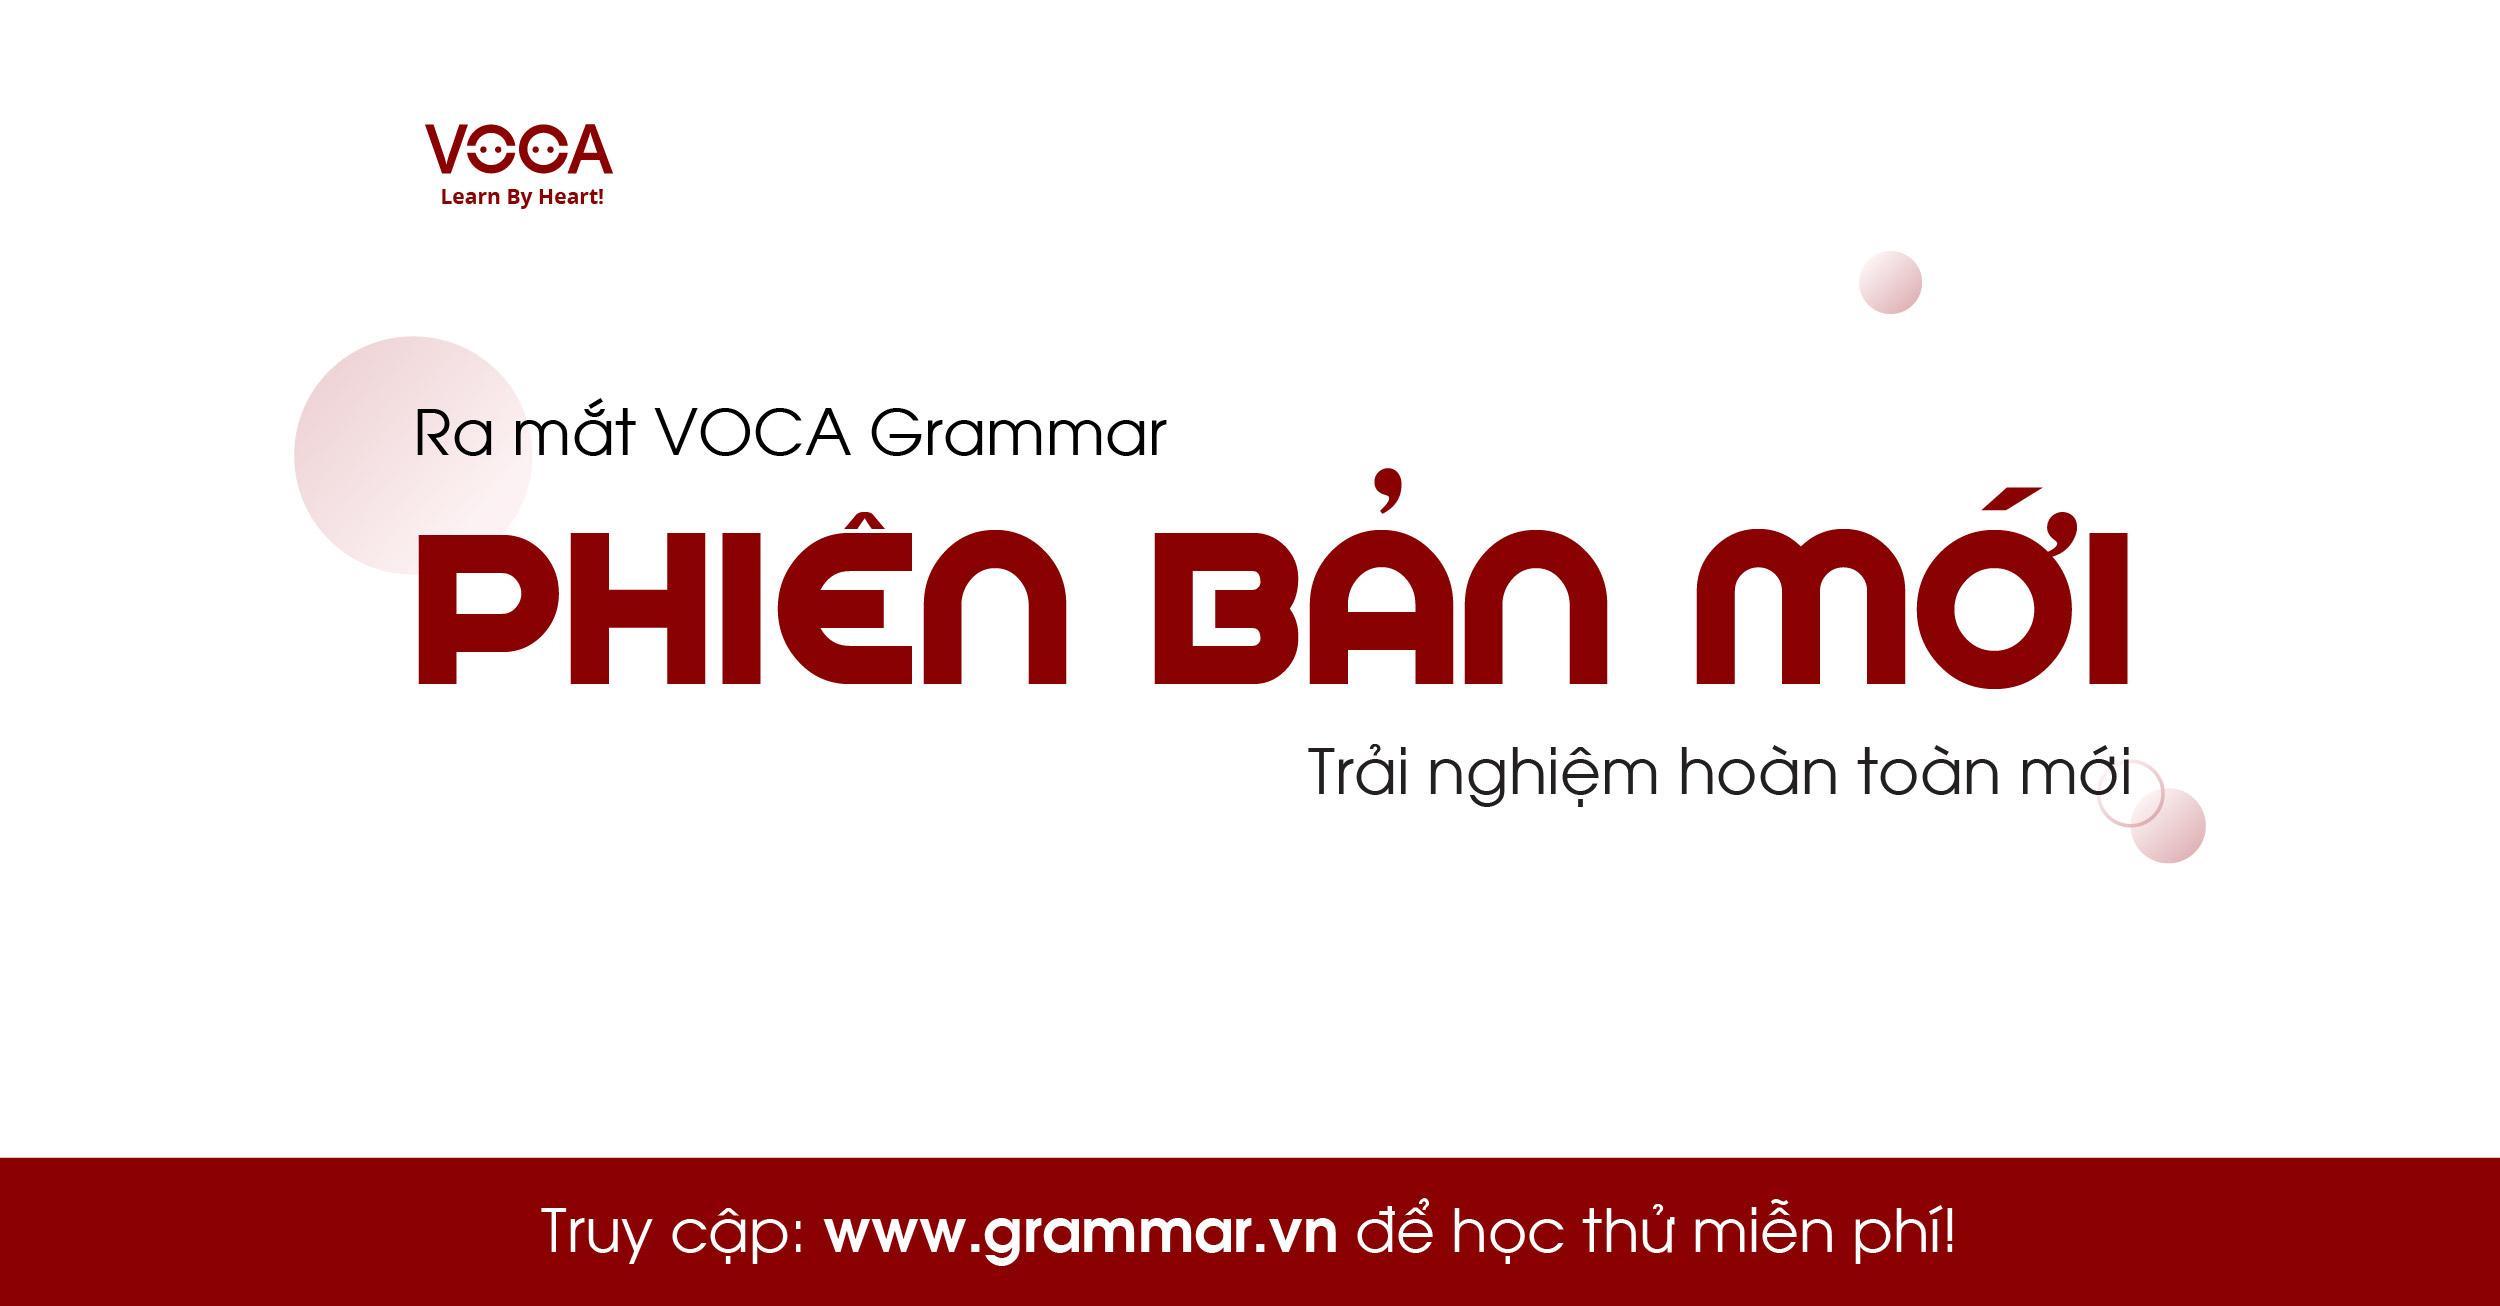 VOCA ra mắt phiên bản chính thức VOCA Grammar 2018